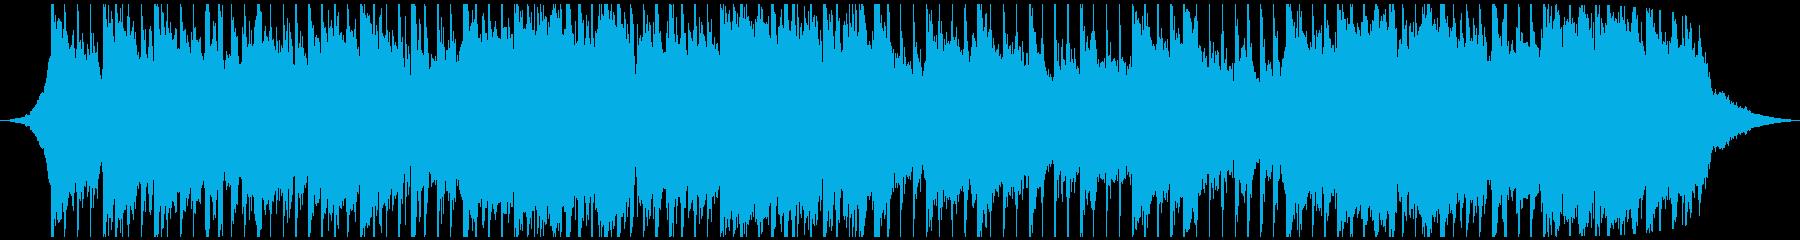 インディーズ ロック アンビエント...の再生済みの波形